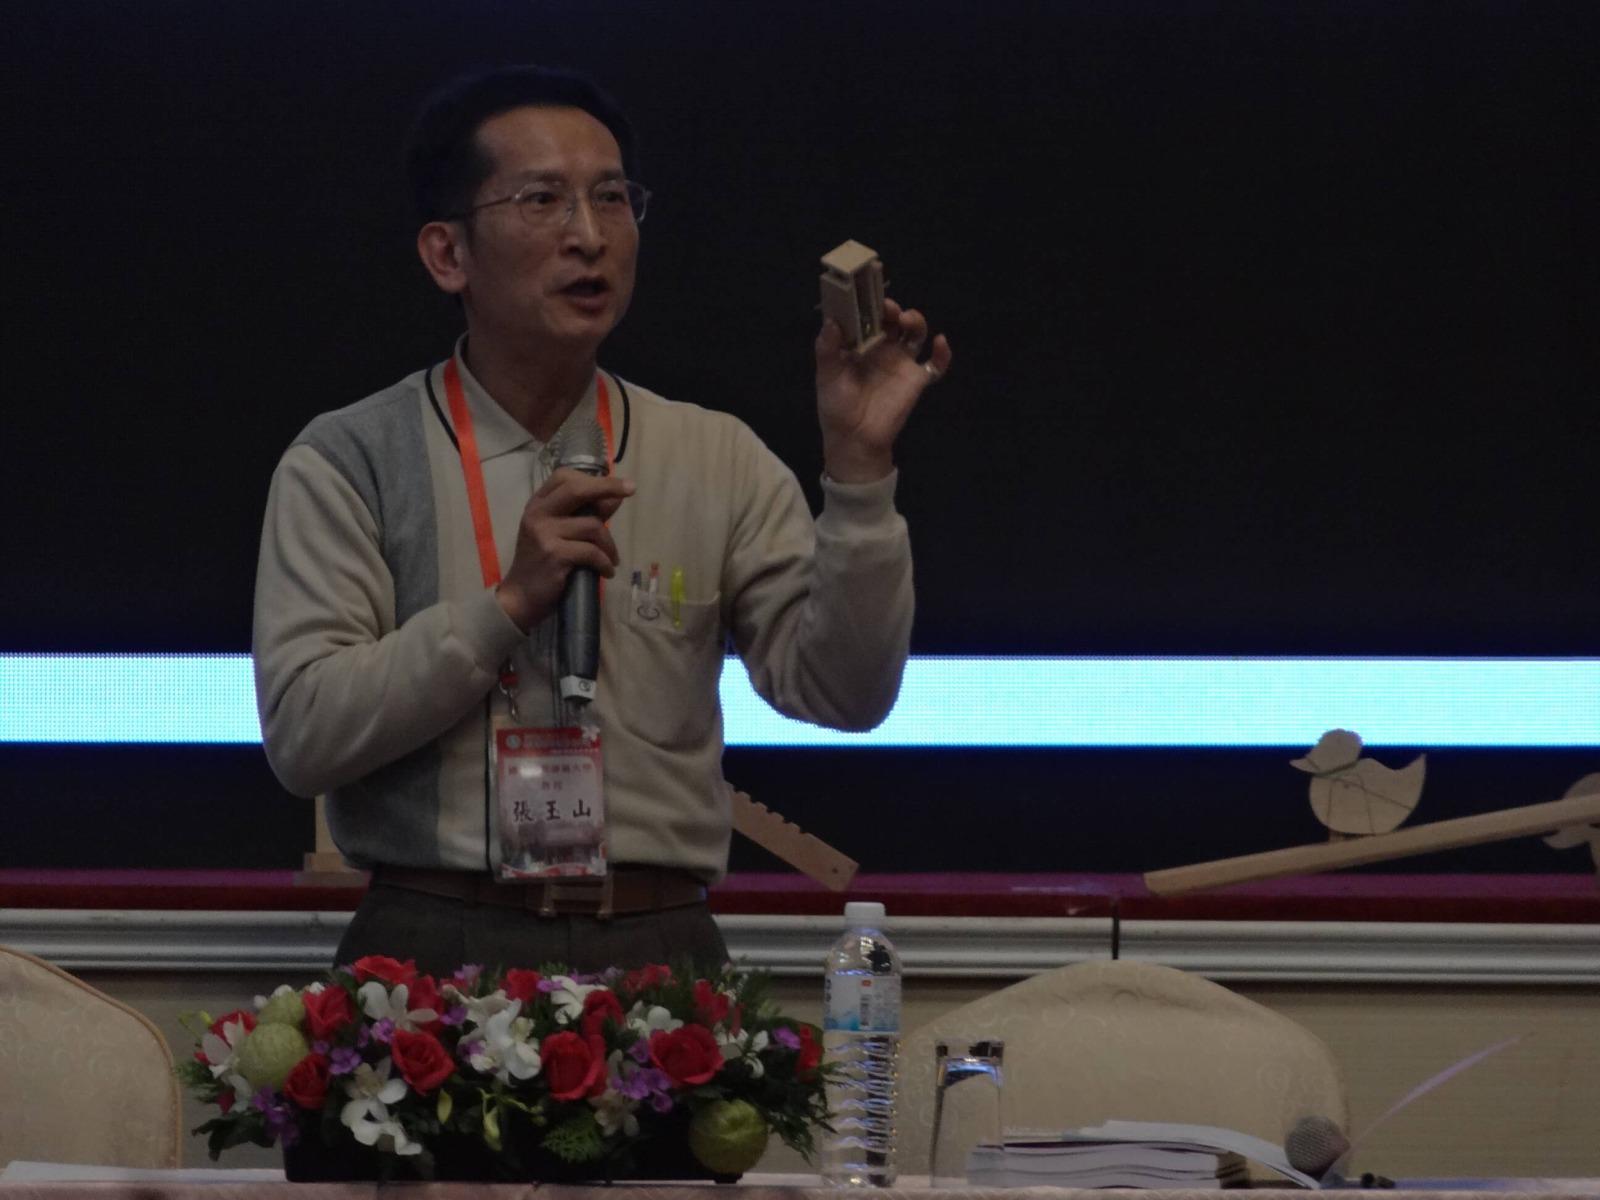 國立臺灣師範大學科技應用與人力資源發展學系 張玉山教授